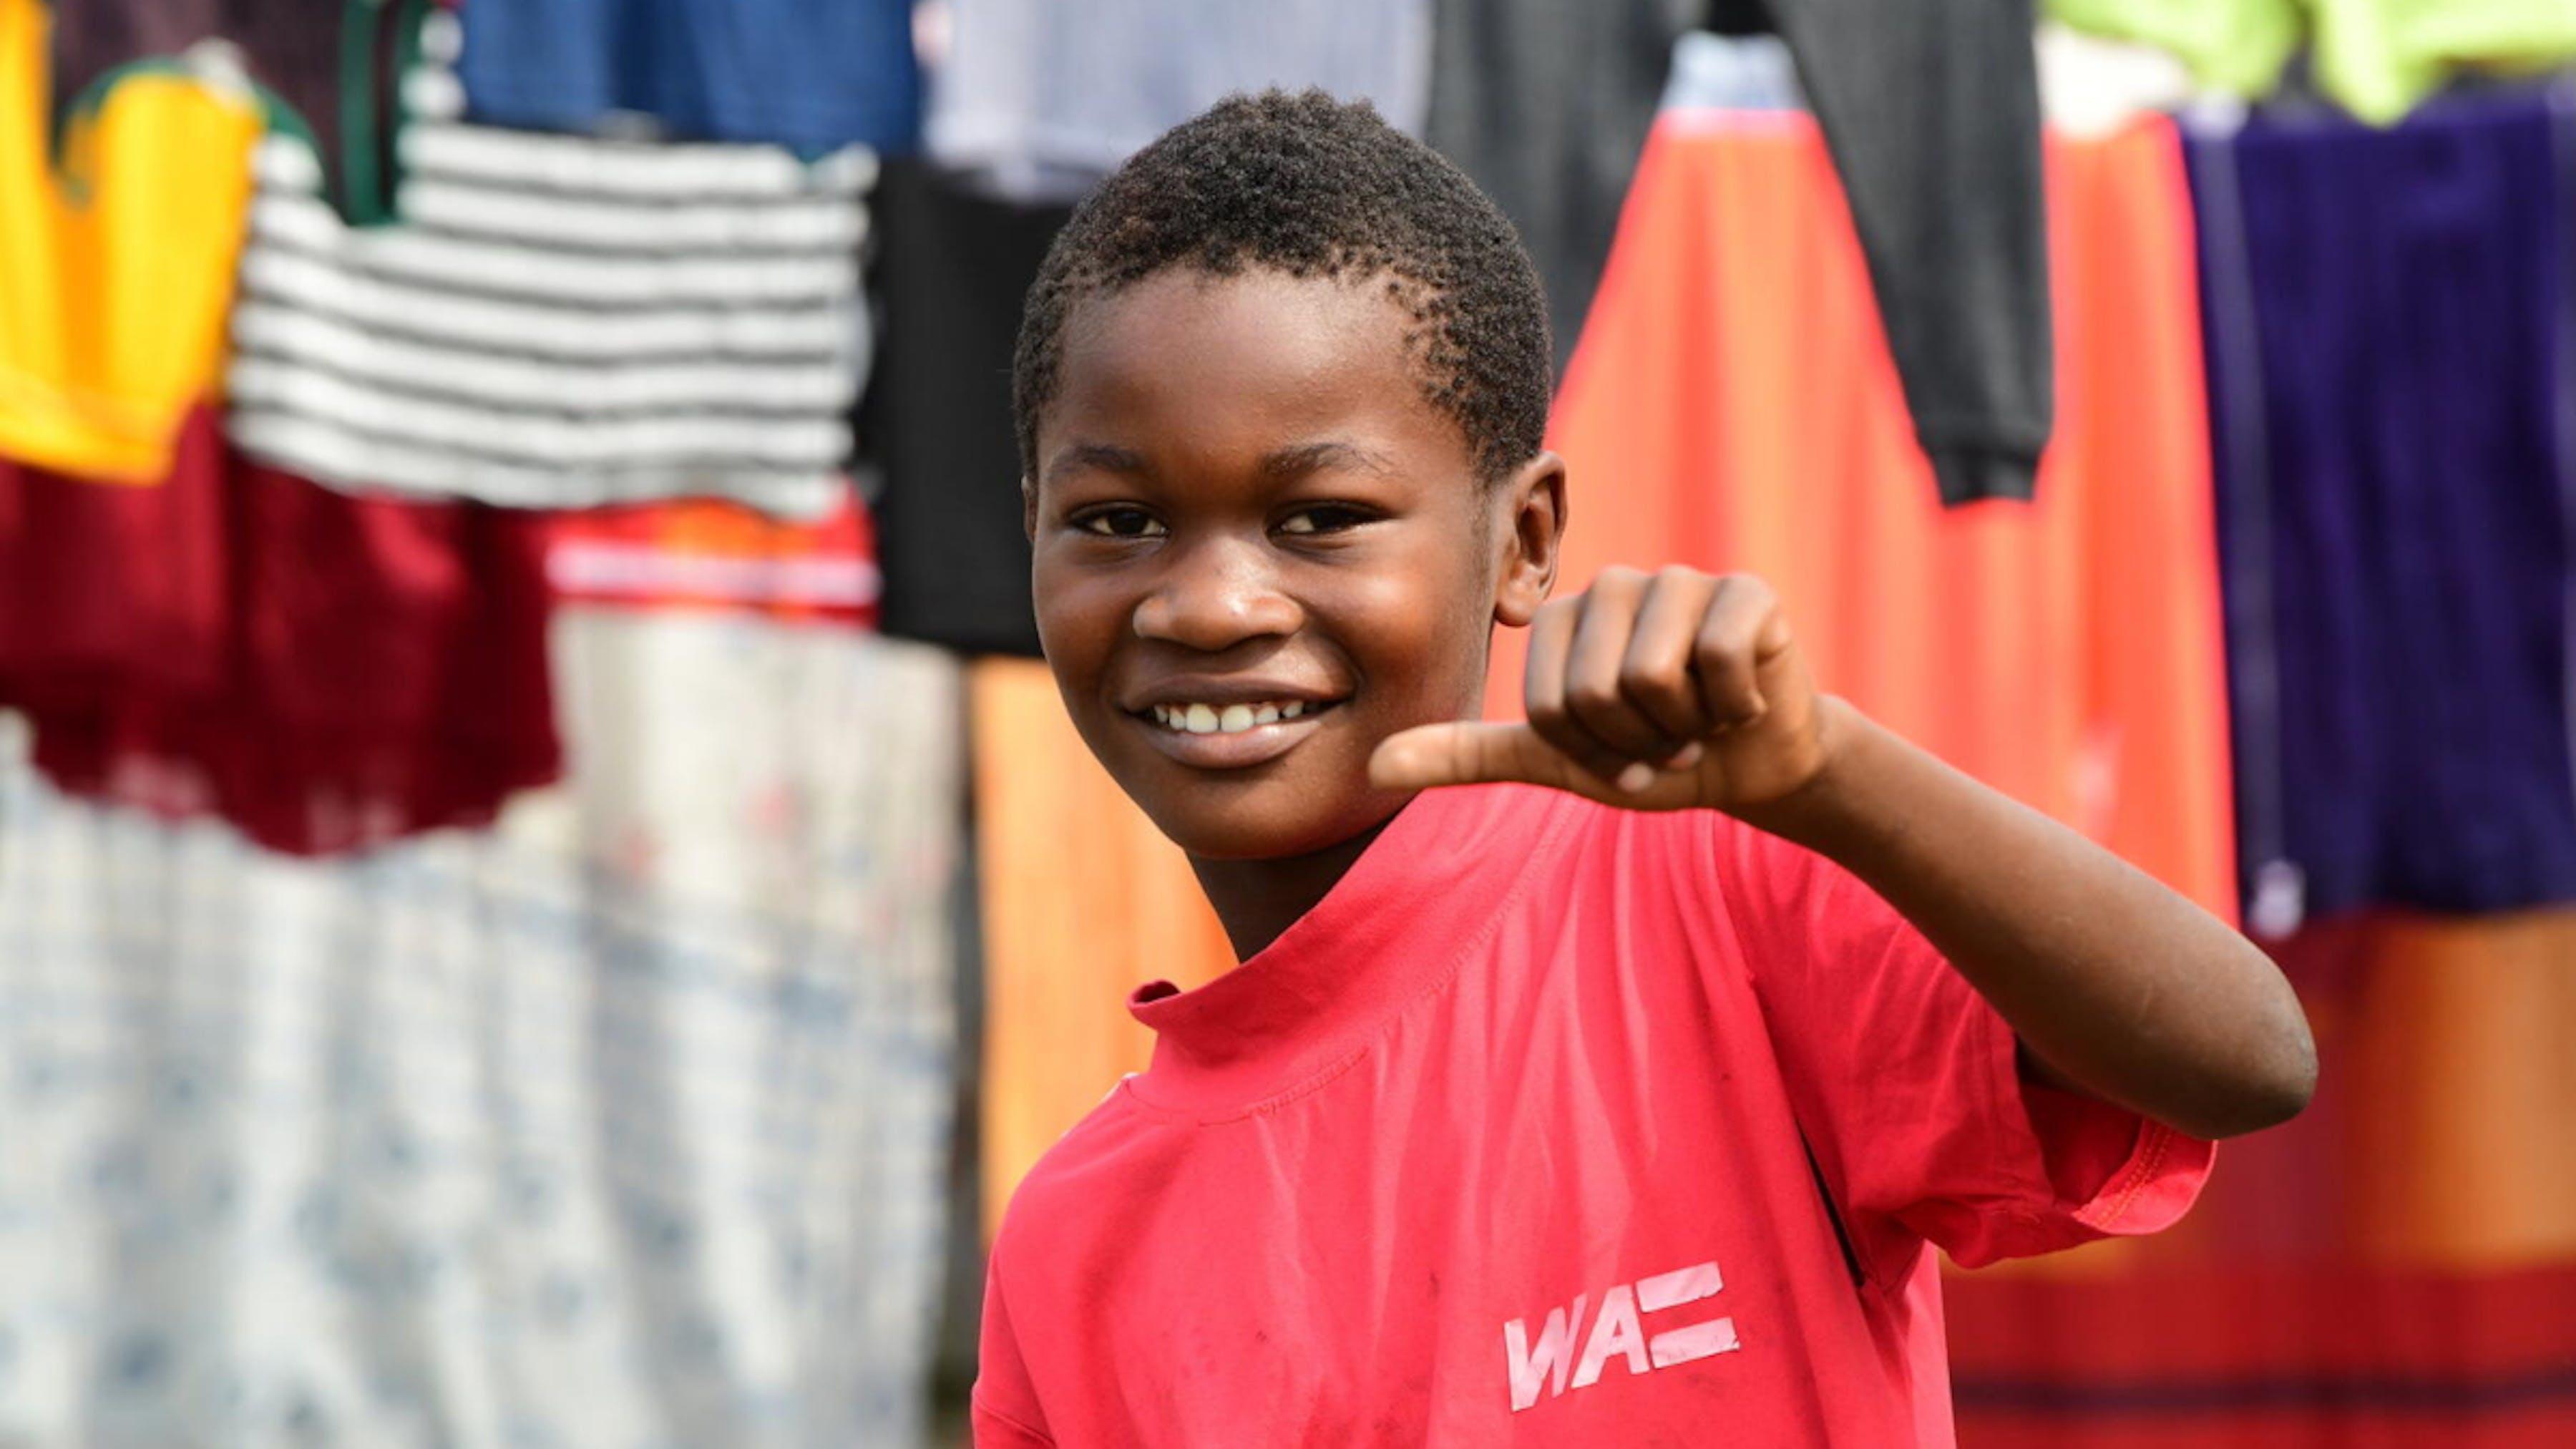 Un ragazzo sorridente per le strade di Idenau, nel sud-ovest del Camerun.